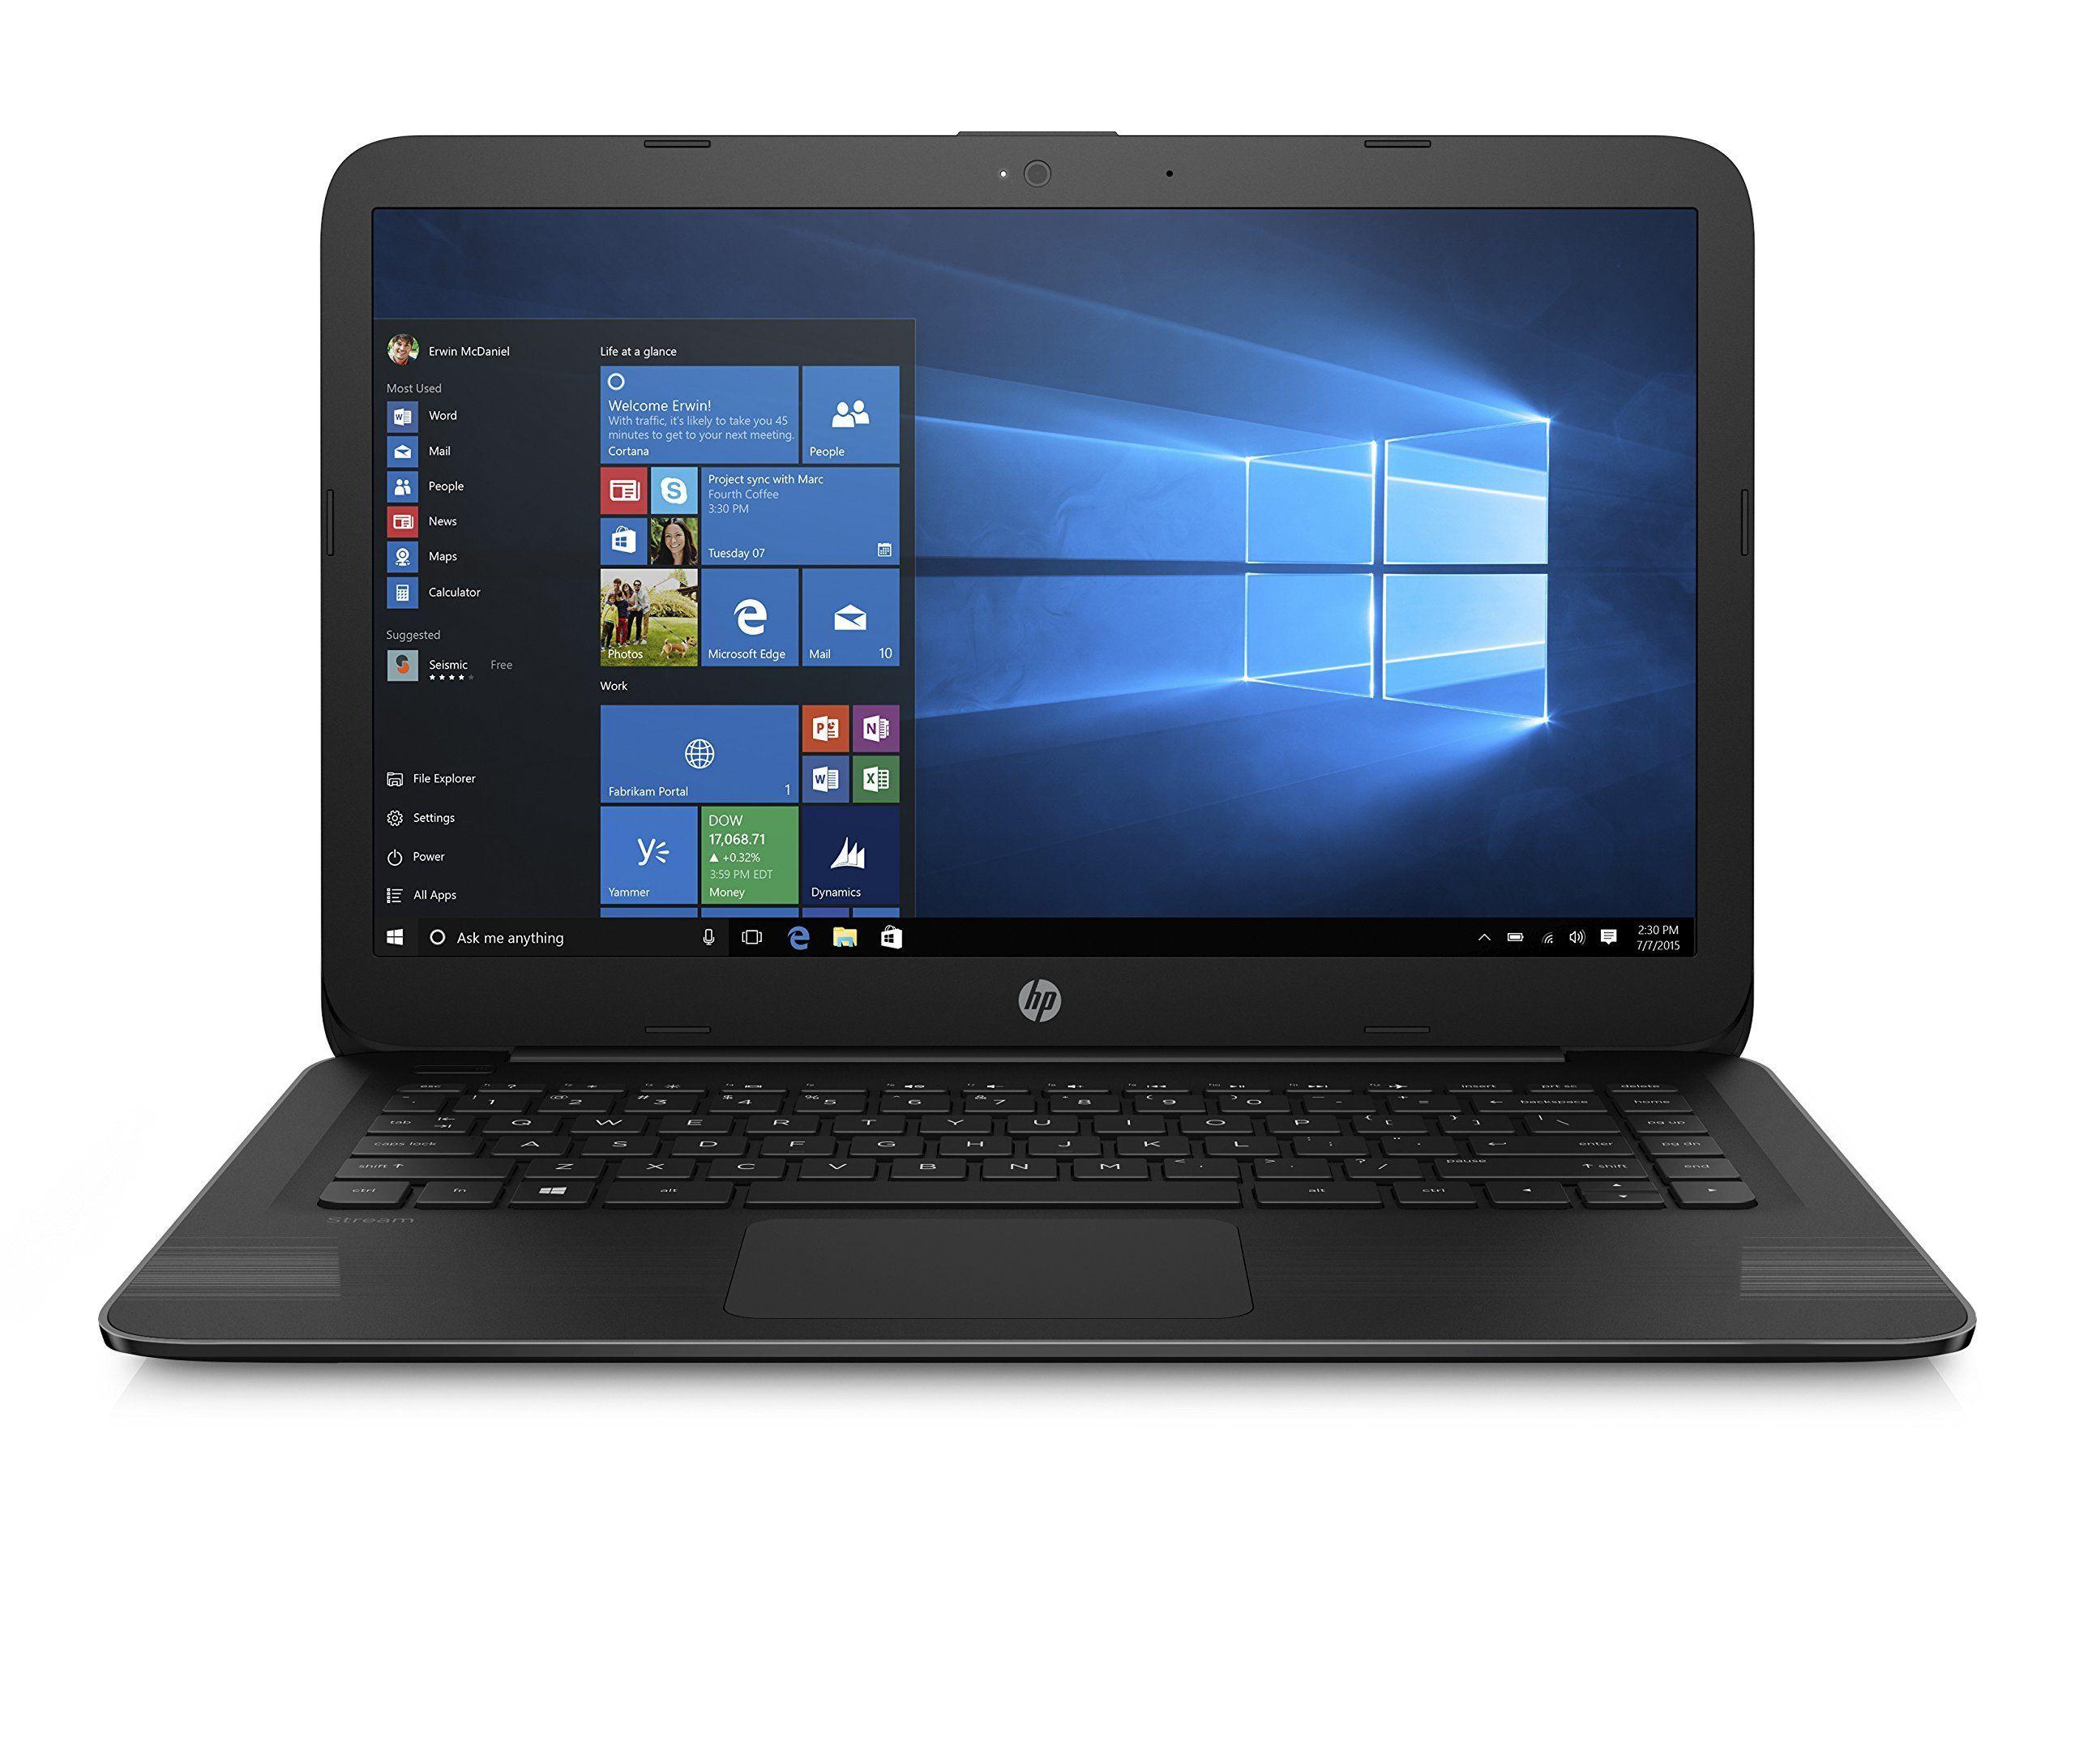 Hp 14 Inch Stream Laptop Intel Celeron N3060 Processor 4gb Ram 32gb Emmc 1 Year Office 365 Personal Included Hdmi Intel Hdmi Laptop